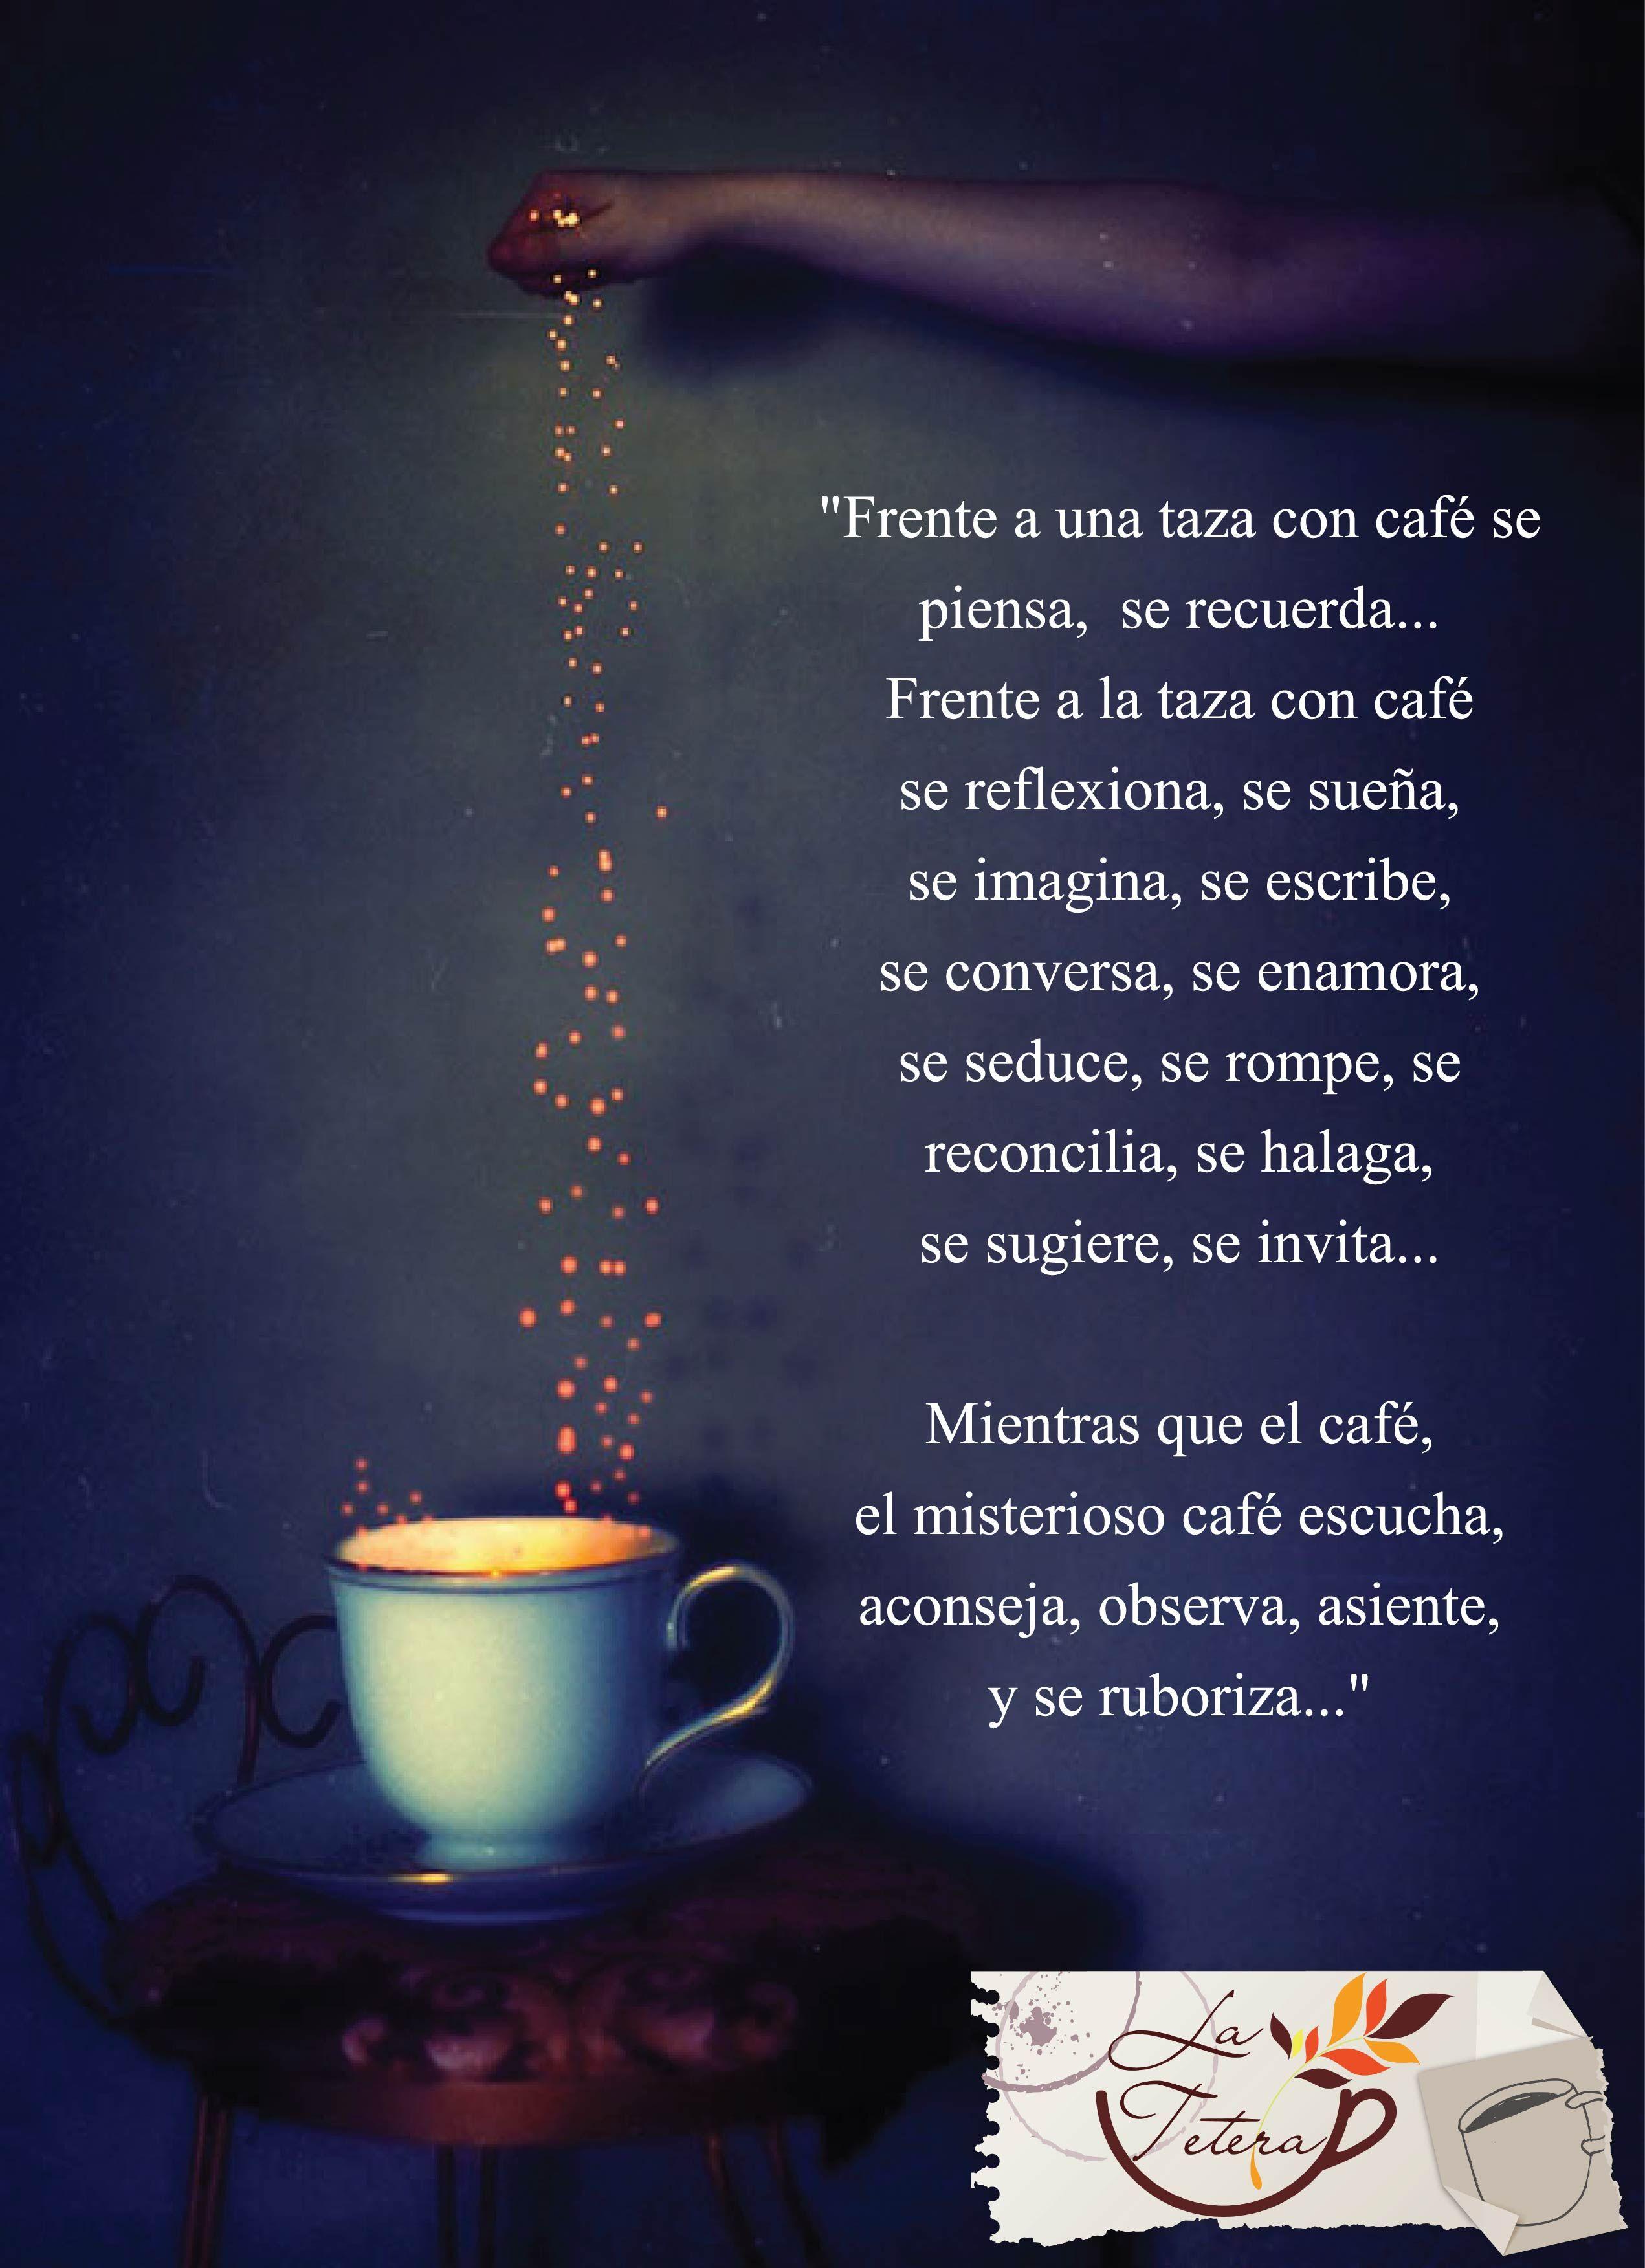 Frente a una taza de caf coffee time pinterest for Tazas para cafe espresso